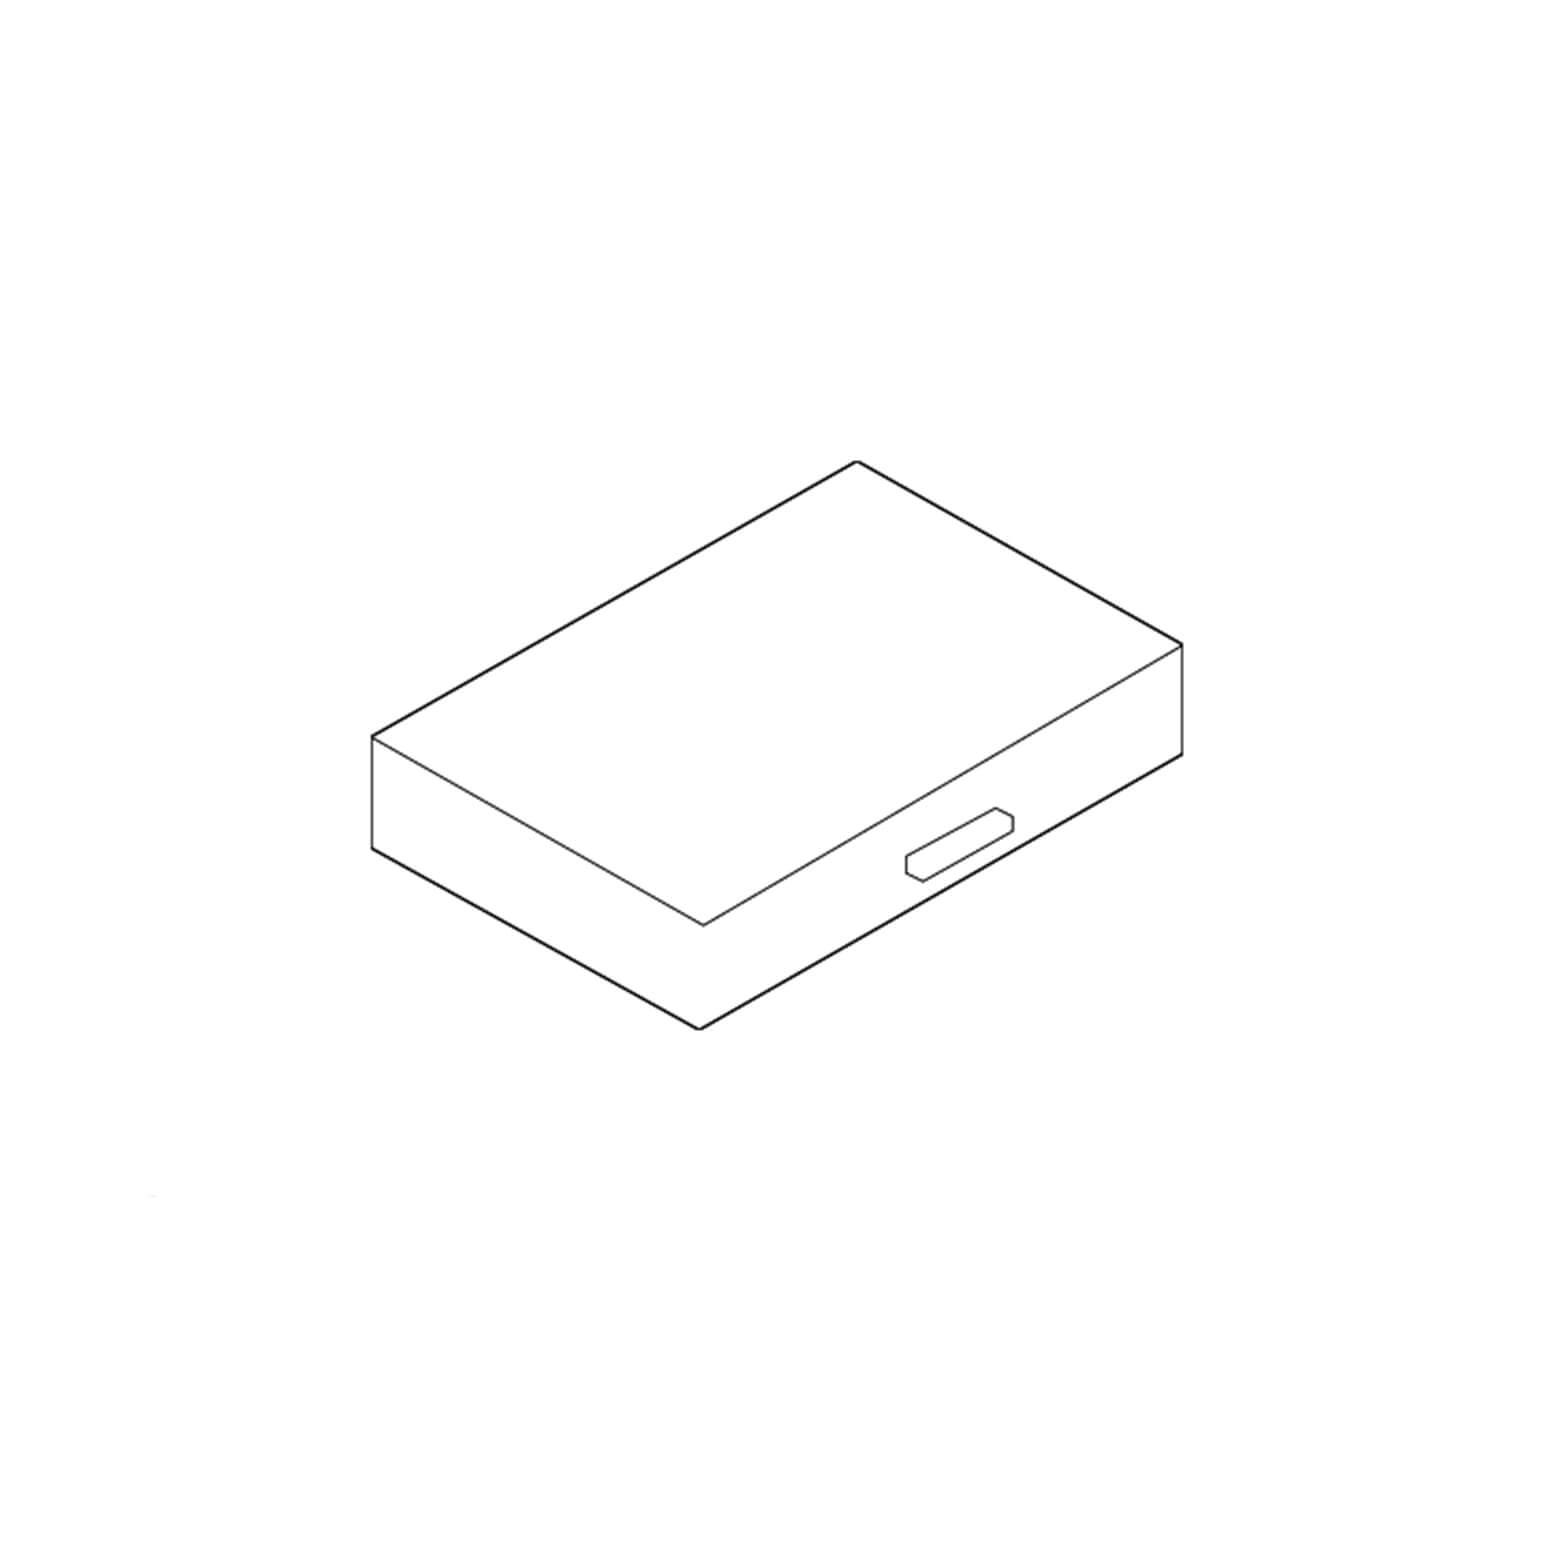 فیلتر کابین 971143B200